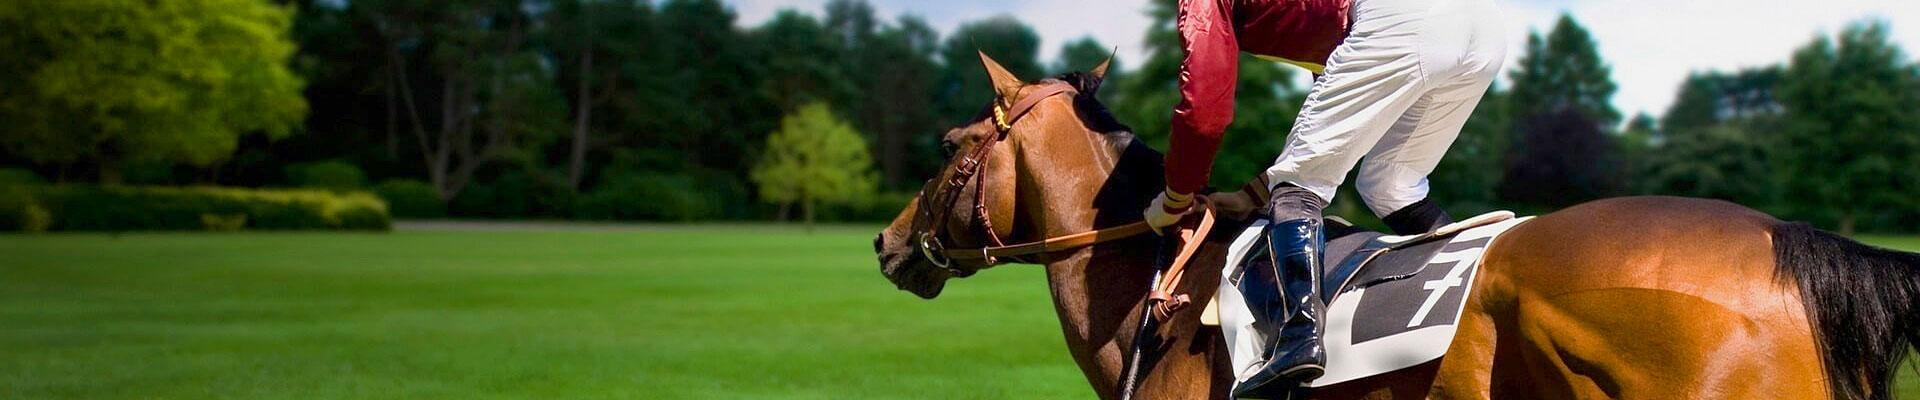 Odzież jeździecka